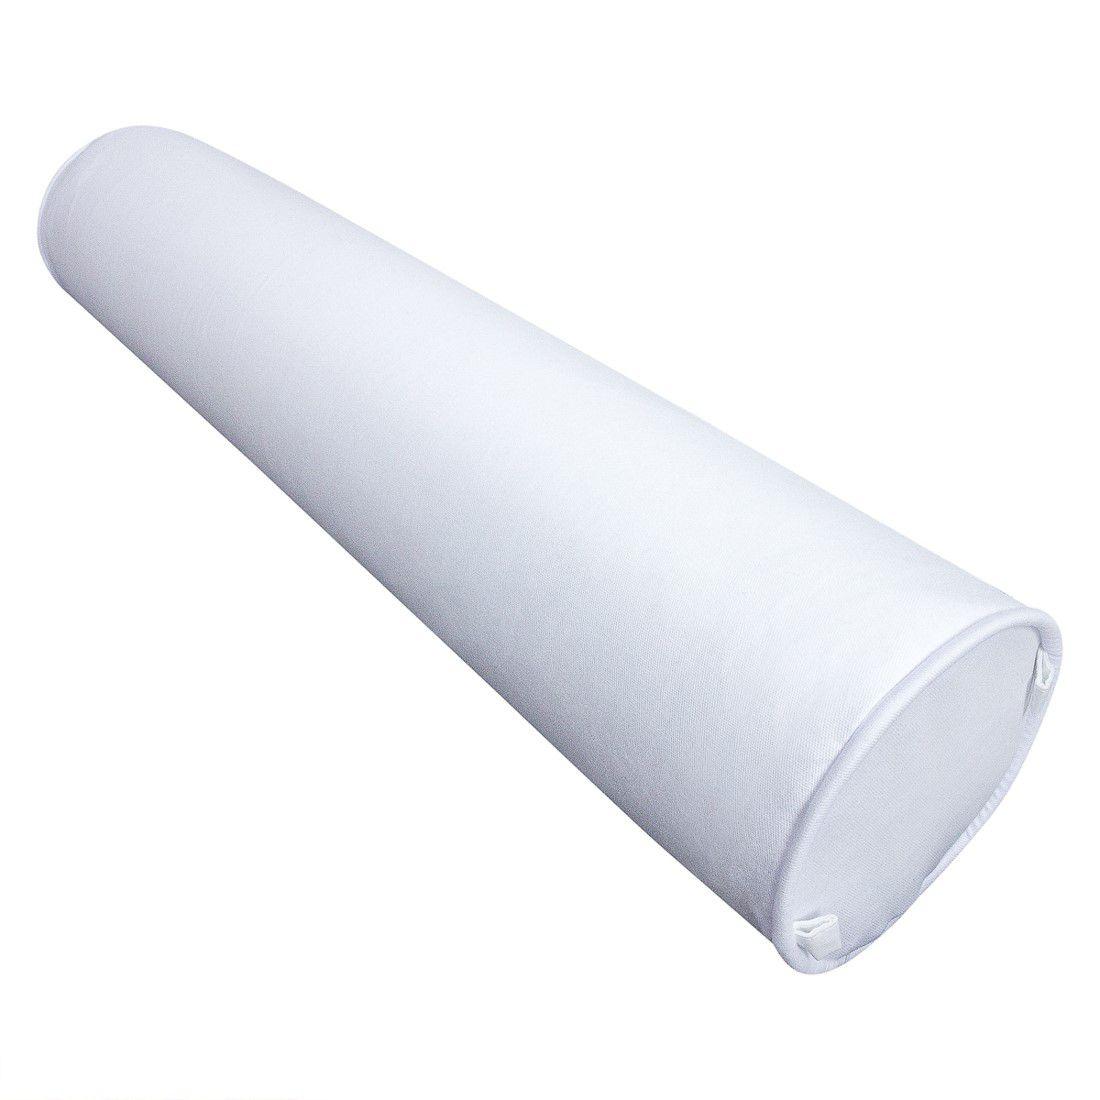 Rolinho peseira para berço 46 cm branco